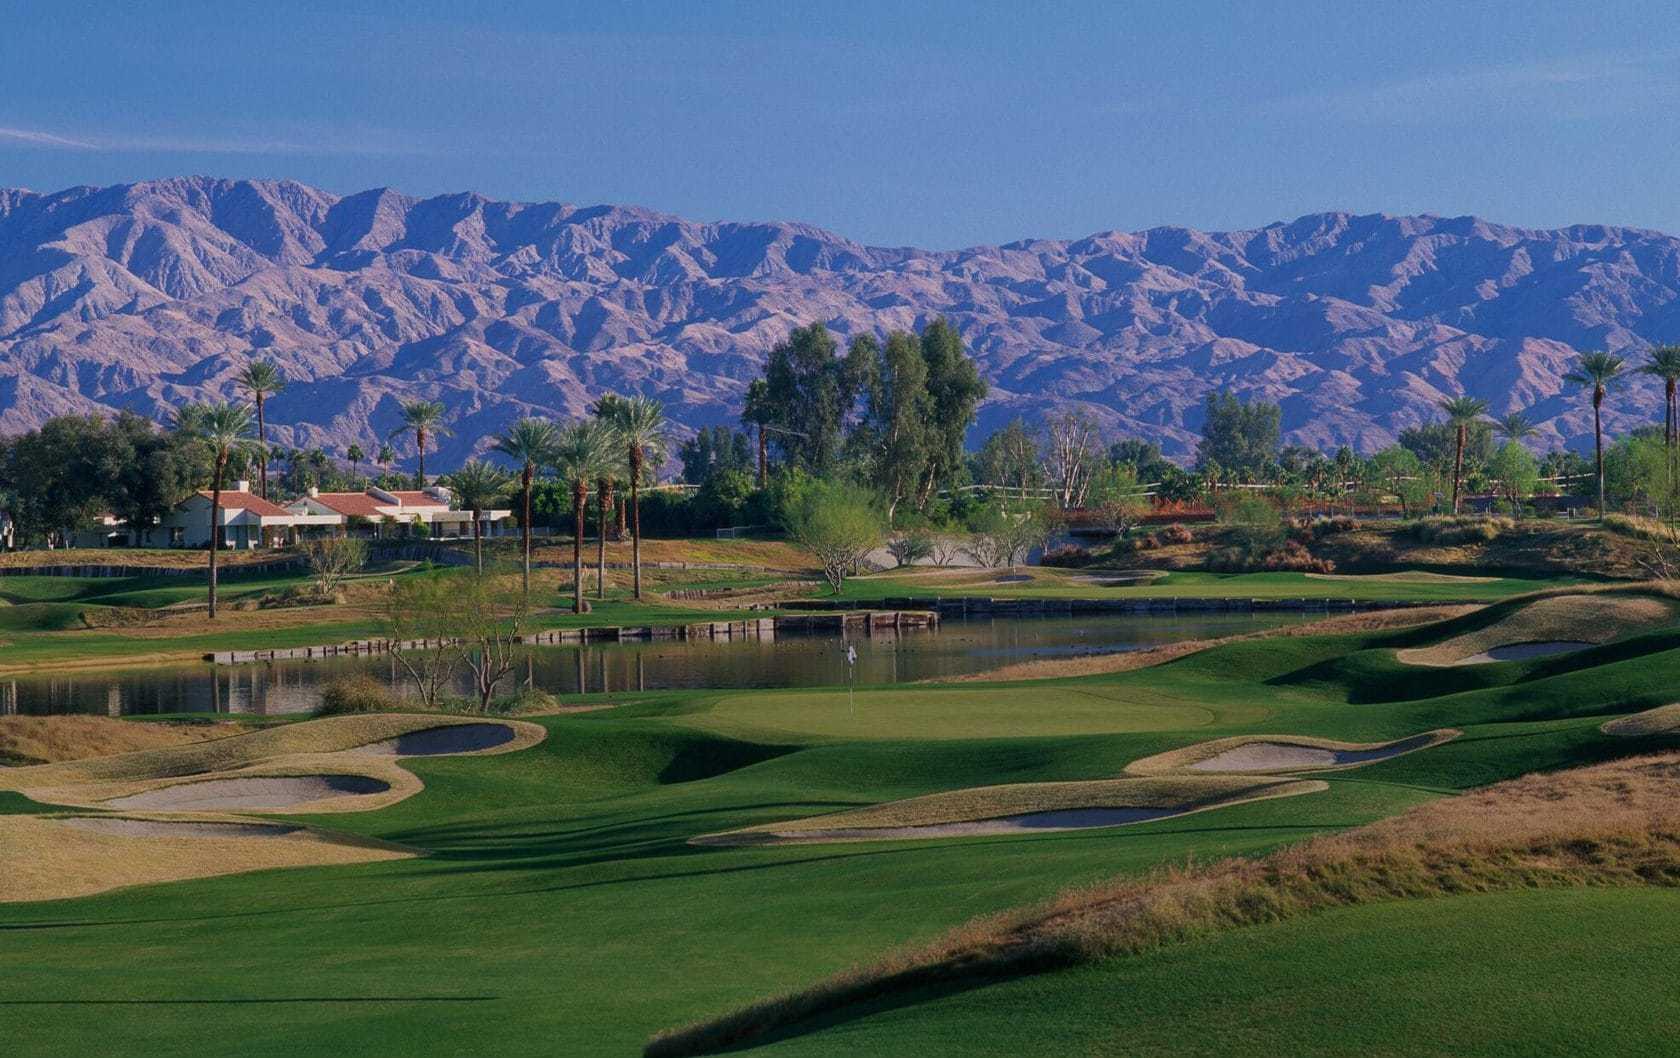 Dunes golf course at La Quinta Resort & Club